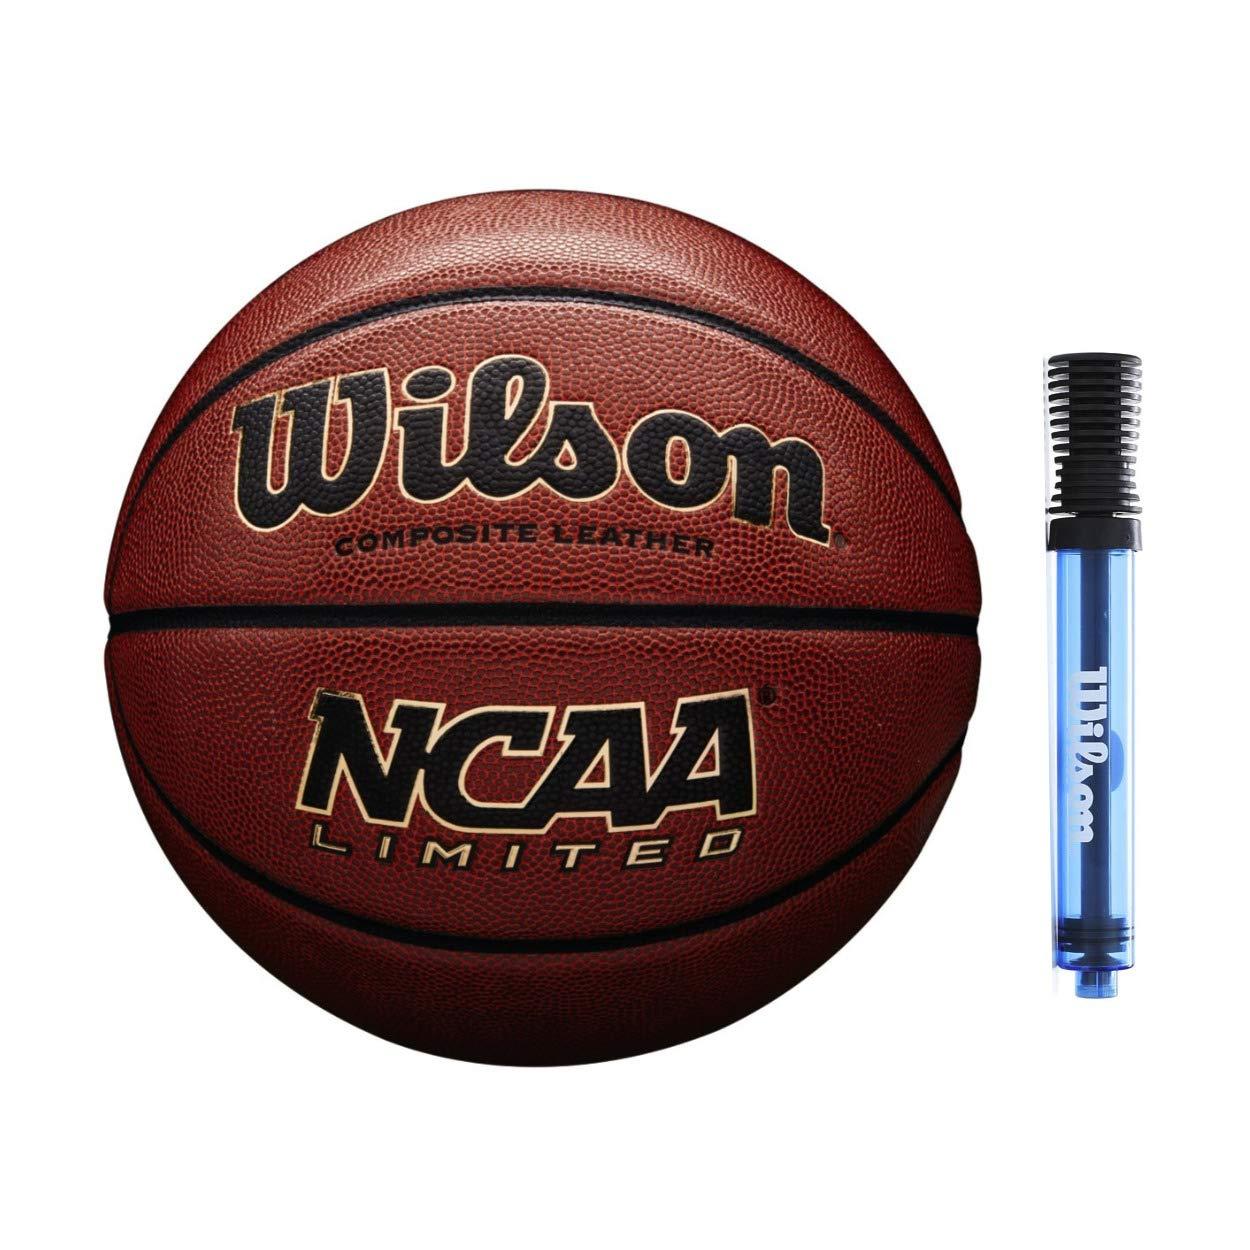 Wilson NCAA Limited Composite - Balón de Baloncesto (Piel, tamaño ...